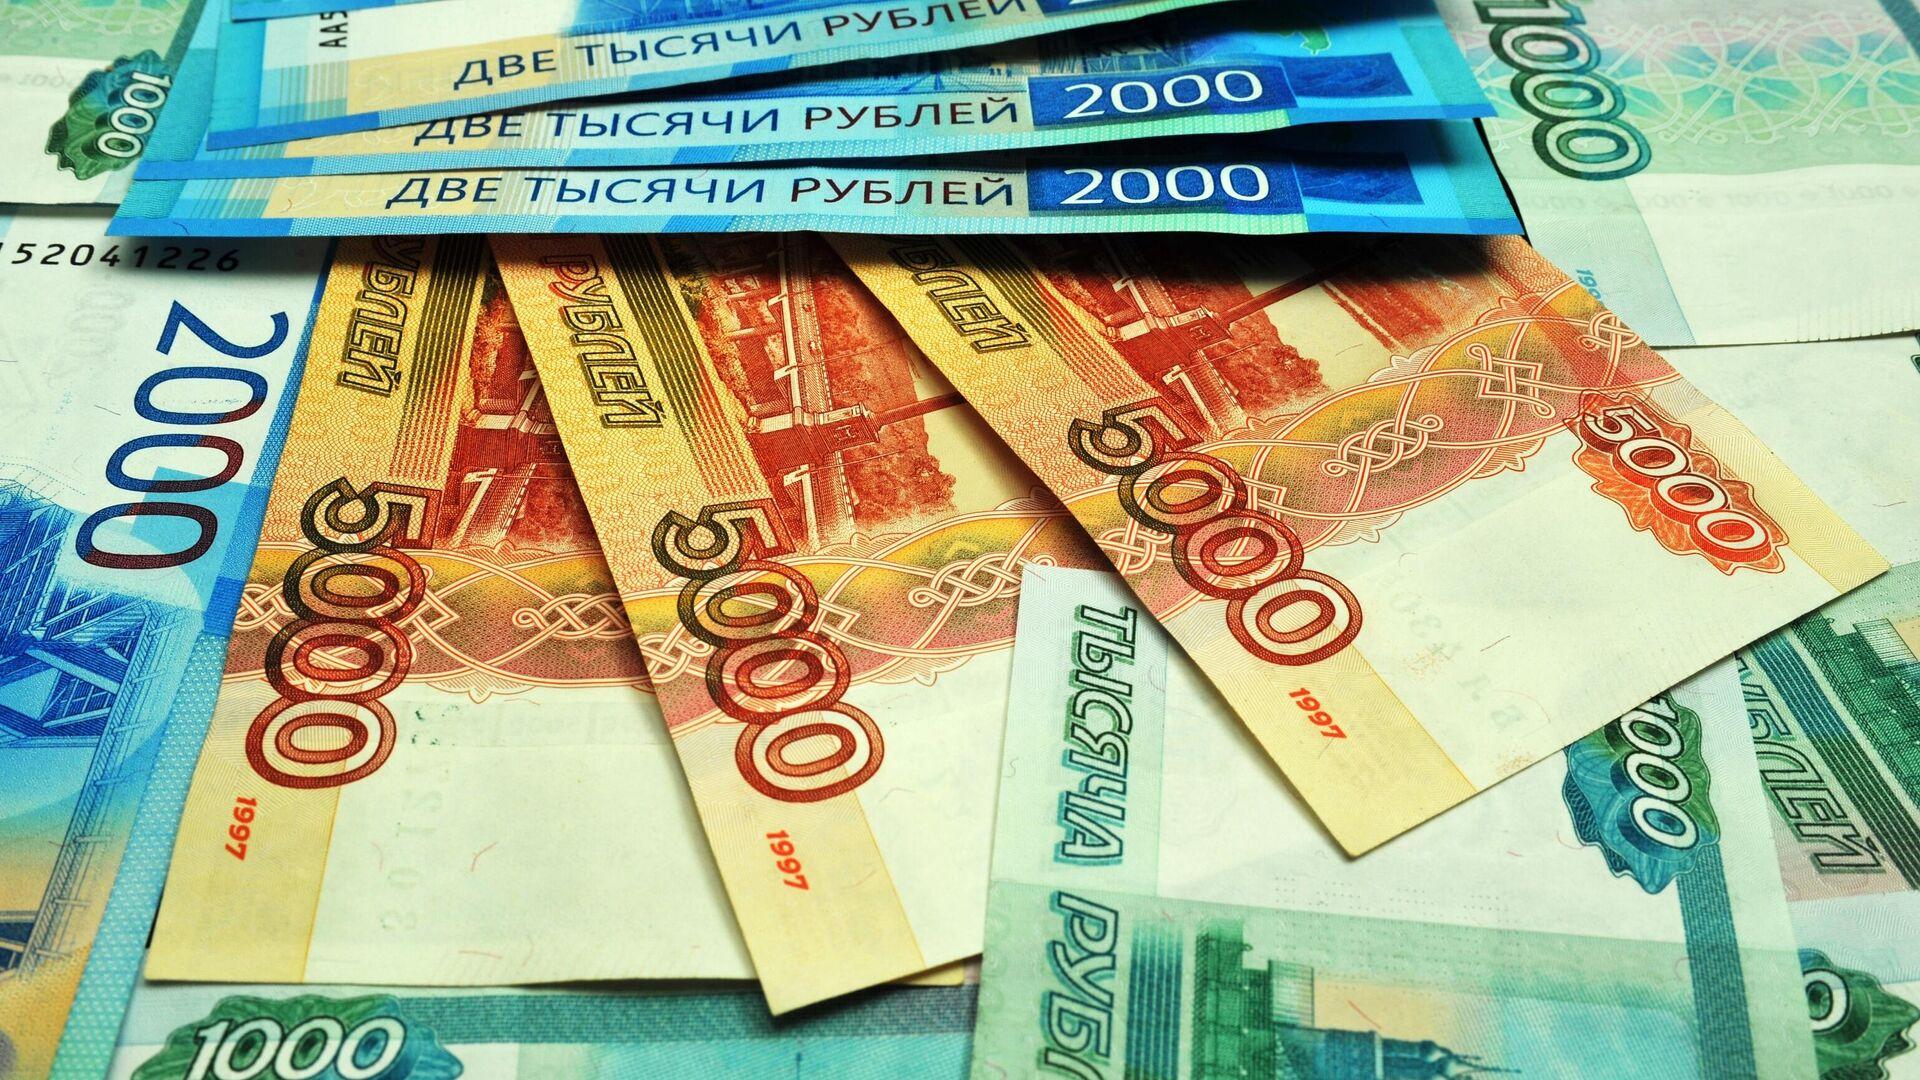 Банкноты номиналом 1000, 2000 и 5000 рублей - РИА Новости, 1920, 01.03.2021